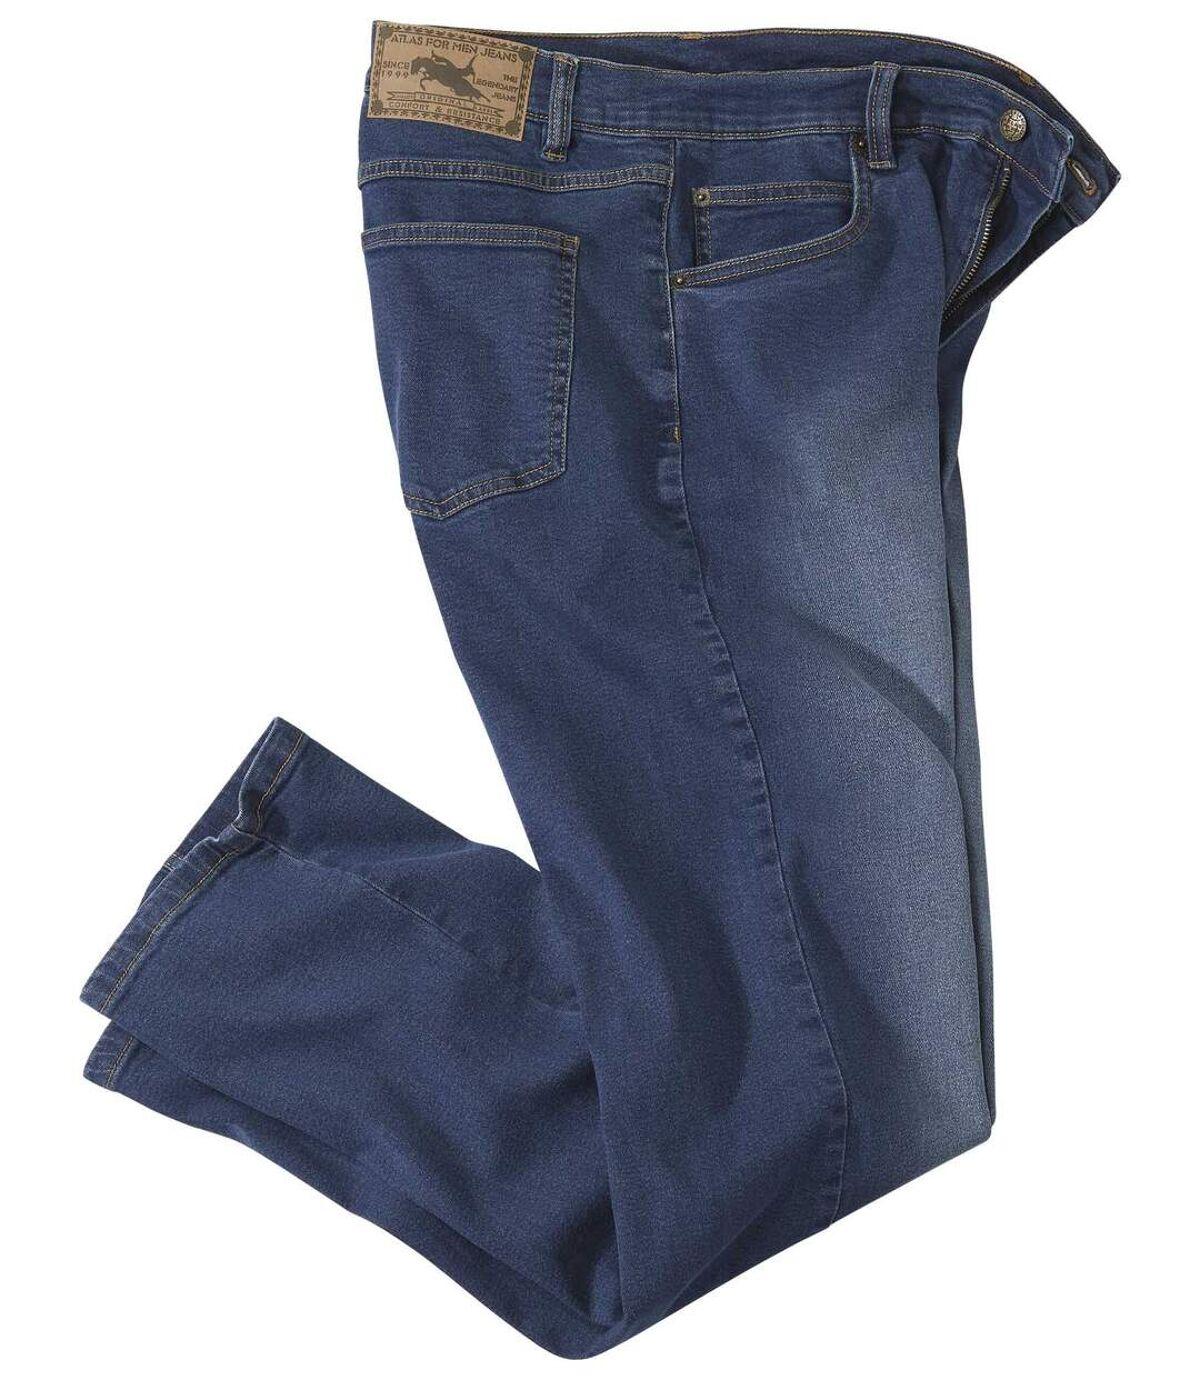 Men's Washed Blue Jeans Atlas For Men